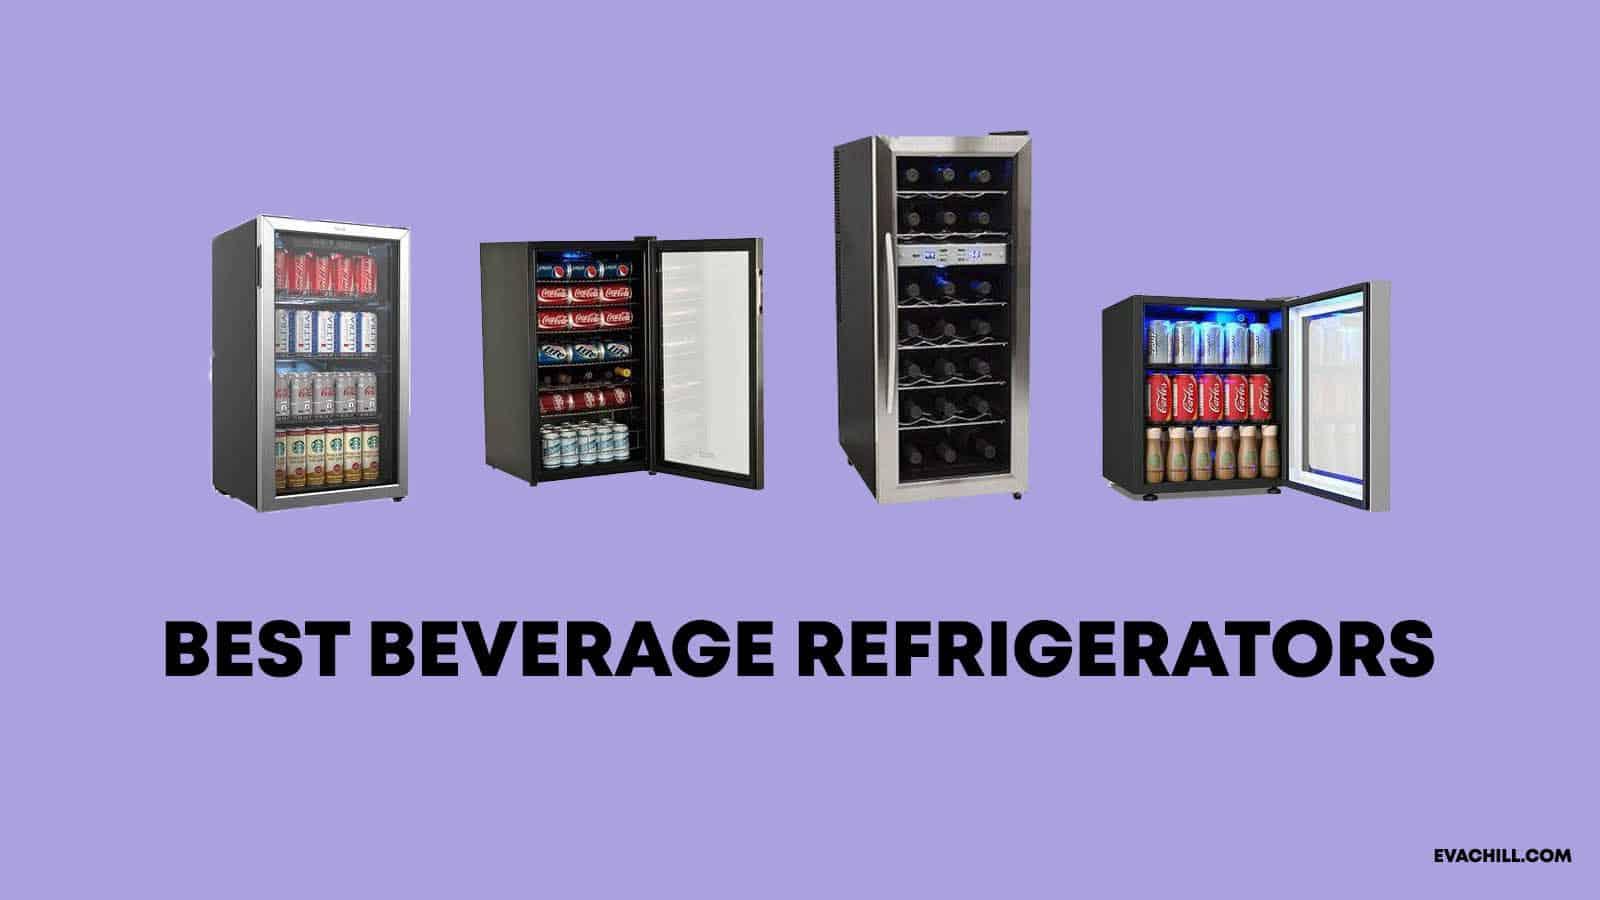 Best Beverage Refrigerators